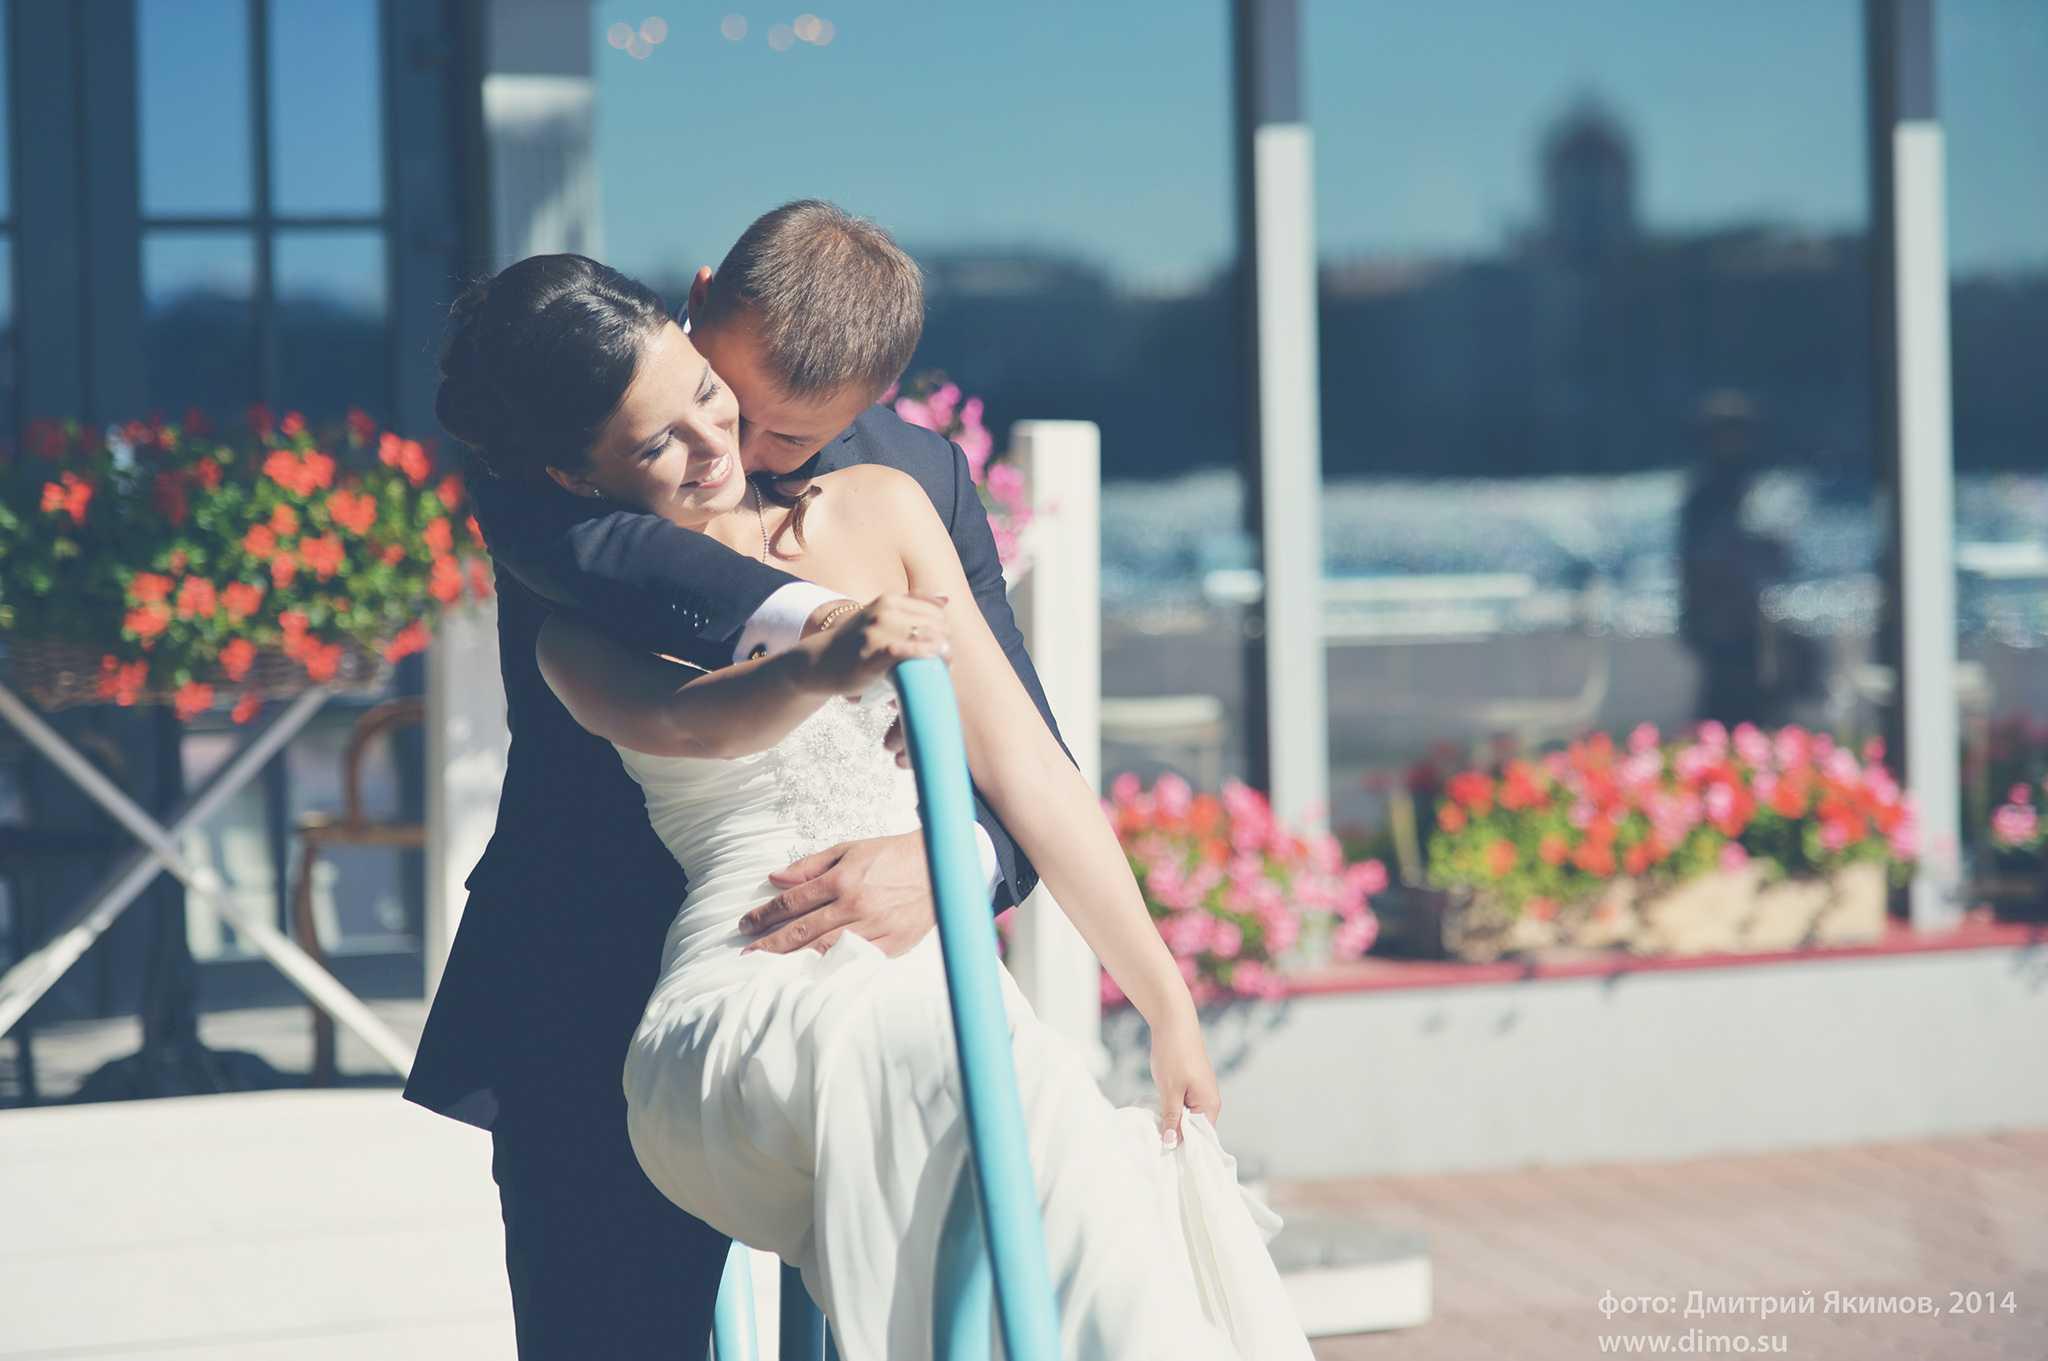 Нежные объятия жениха и невесты